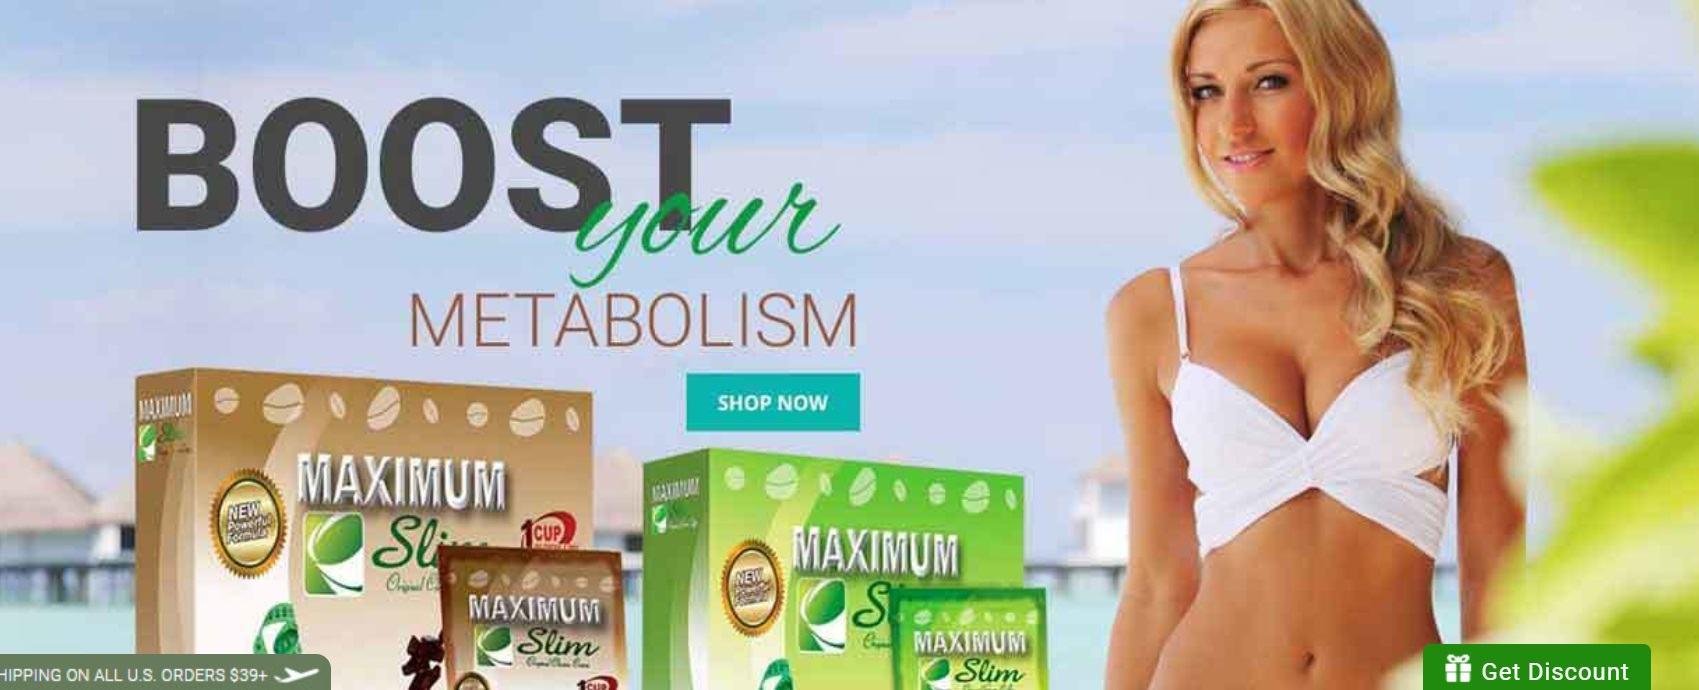 Maximum Slim Affiliate Program